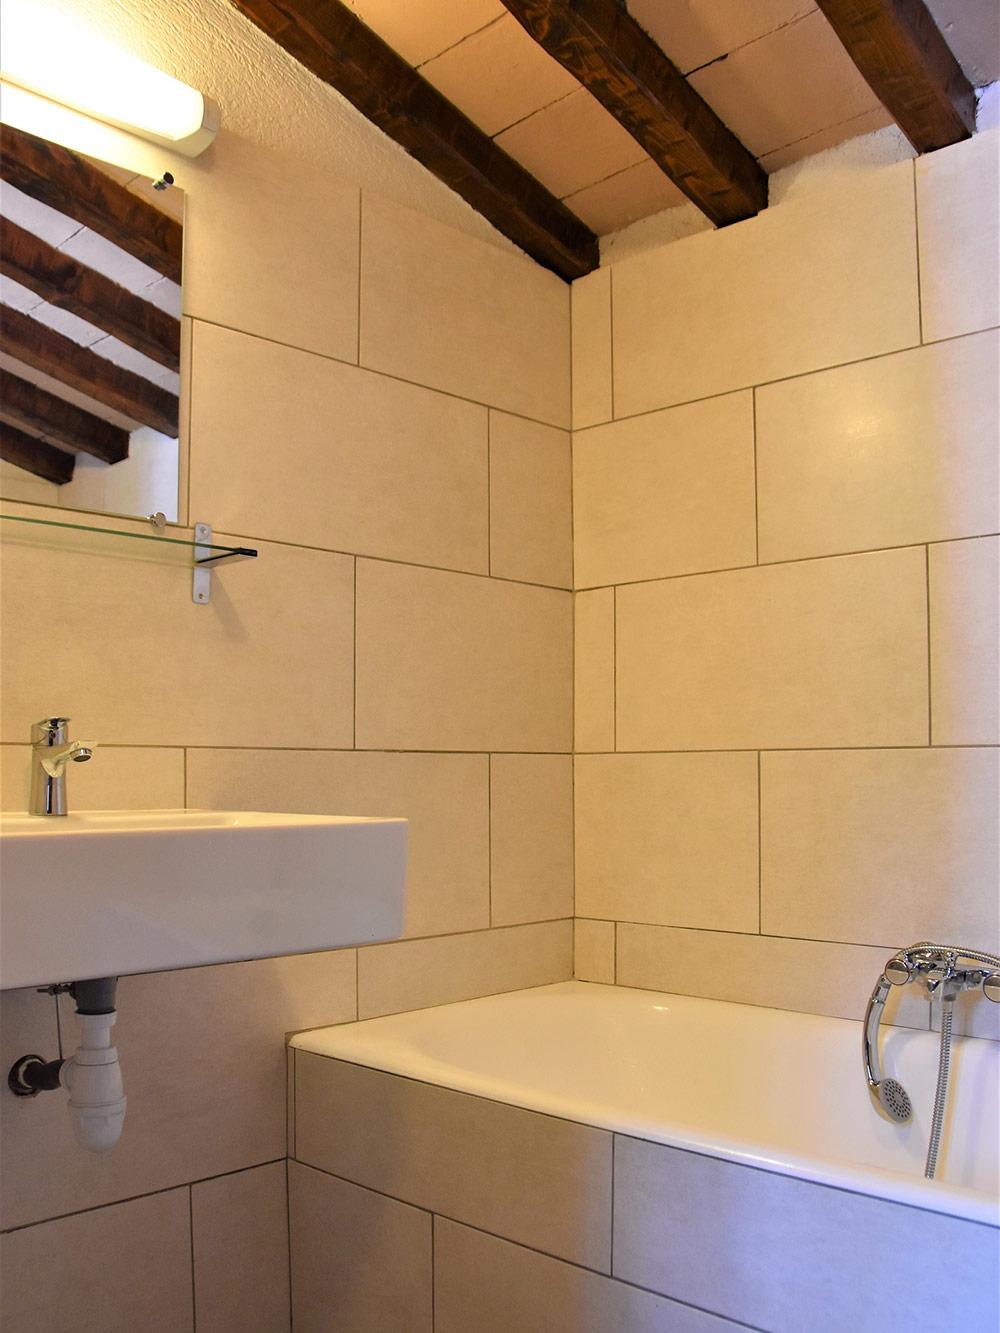 Studio d'Augias 2: bathroom